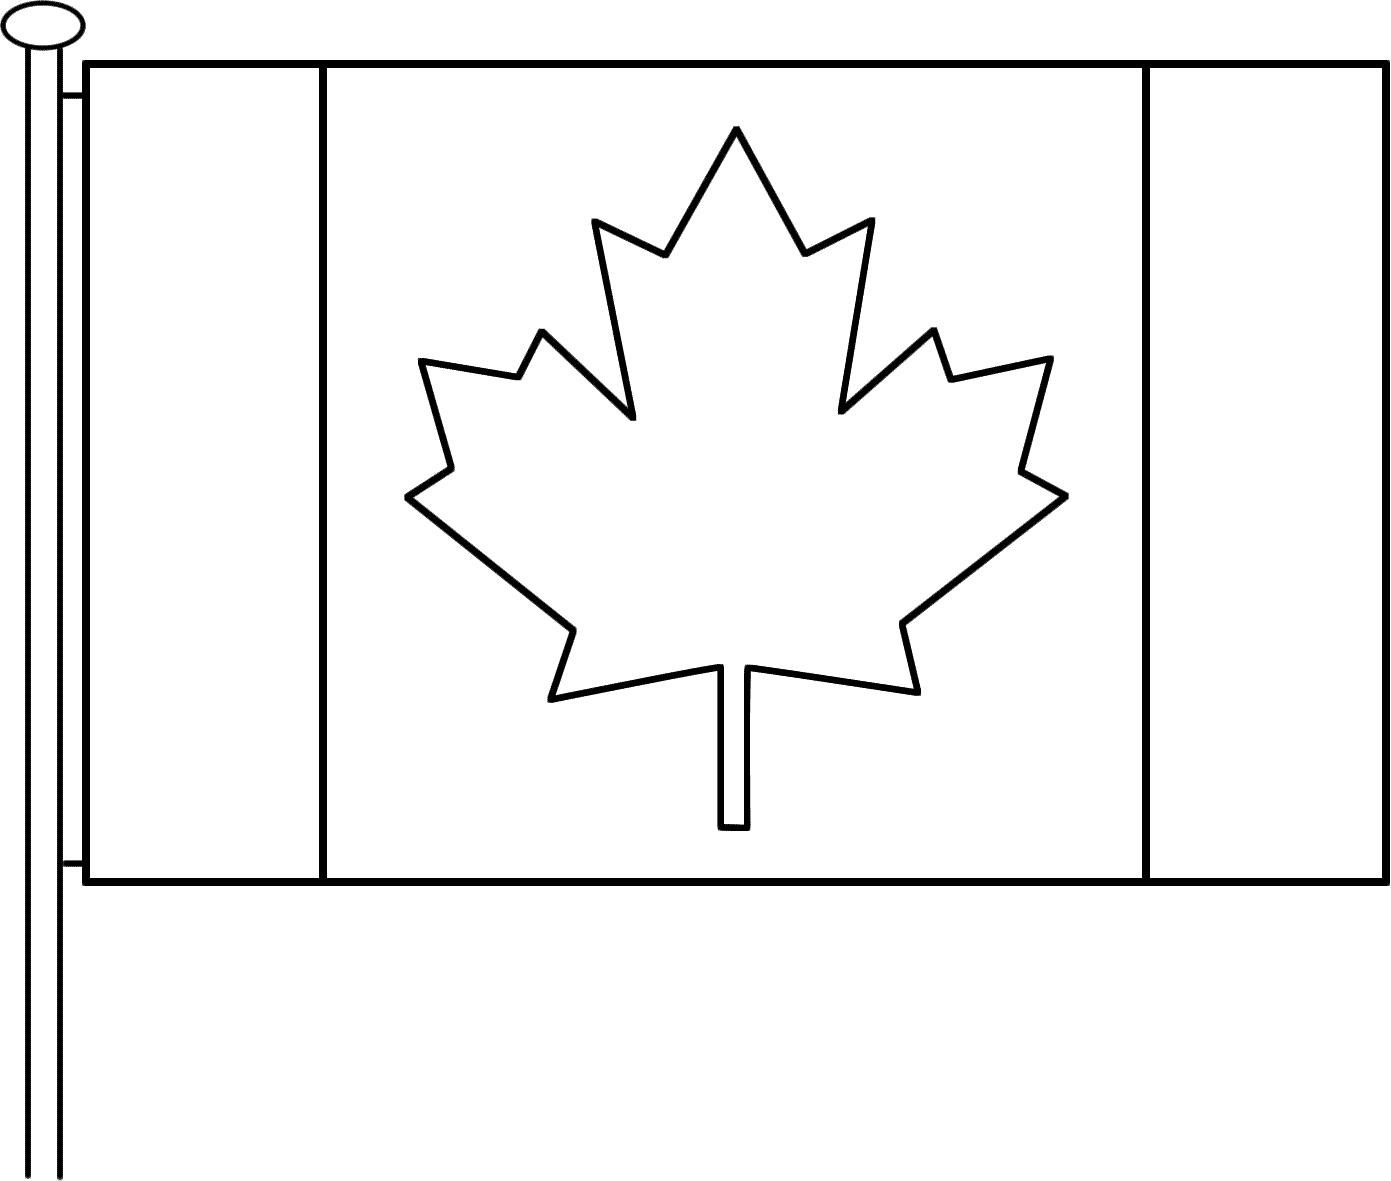 Coloriage Drapeau À Imprimer Pour Les Enfants - Cp10433 dedans Drapeau Du Canada A Colorier